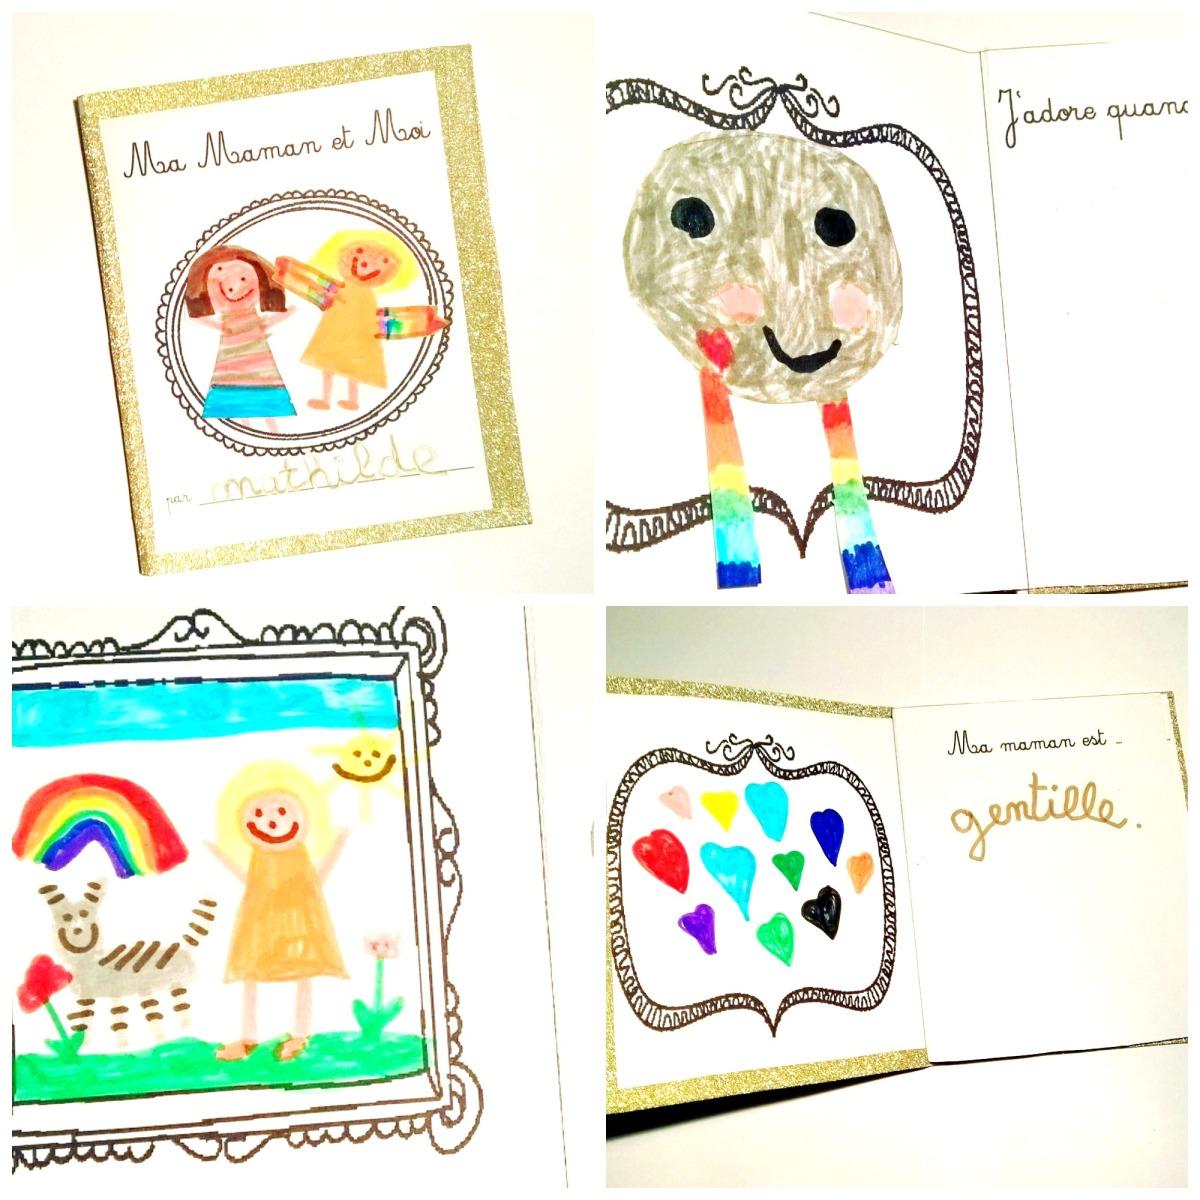 Ma maman et moi : un livre personnalisé pour la fête des mères [free printable]